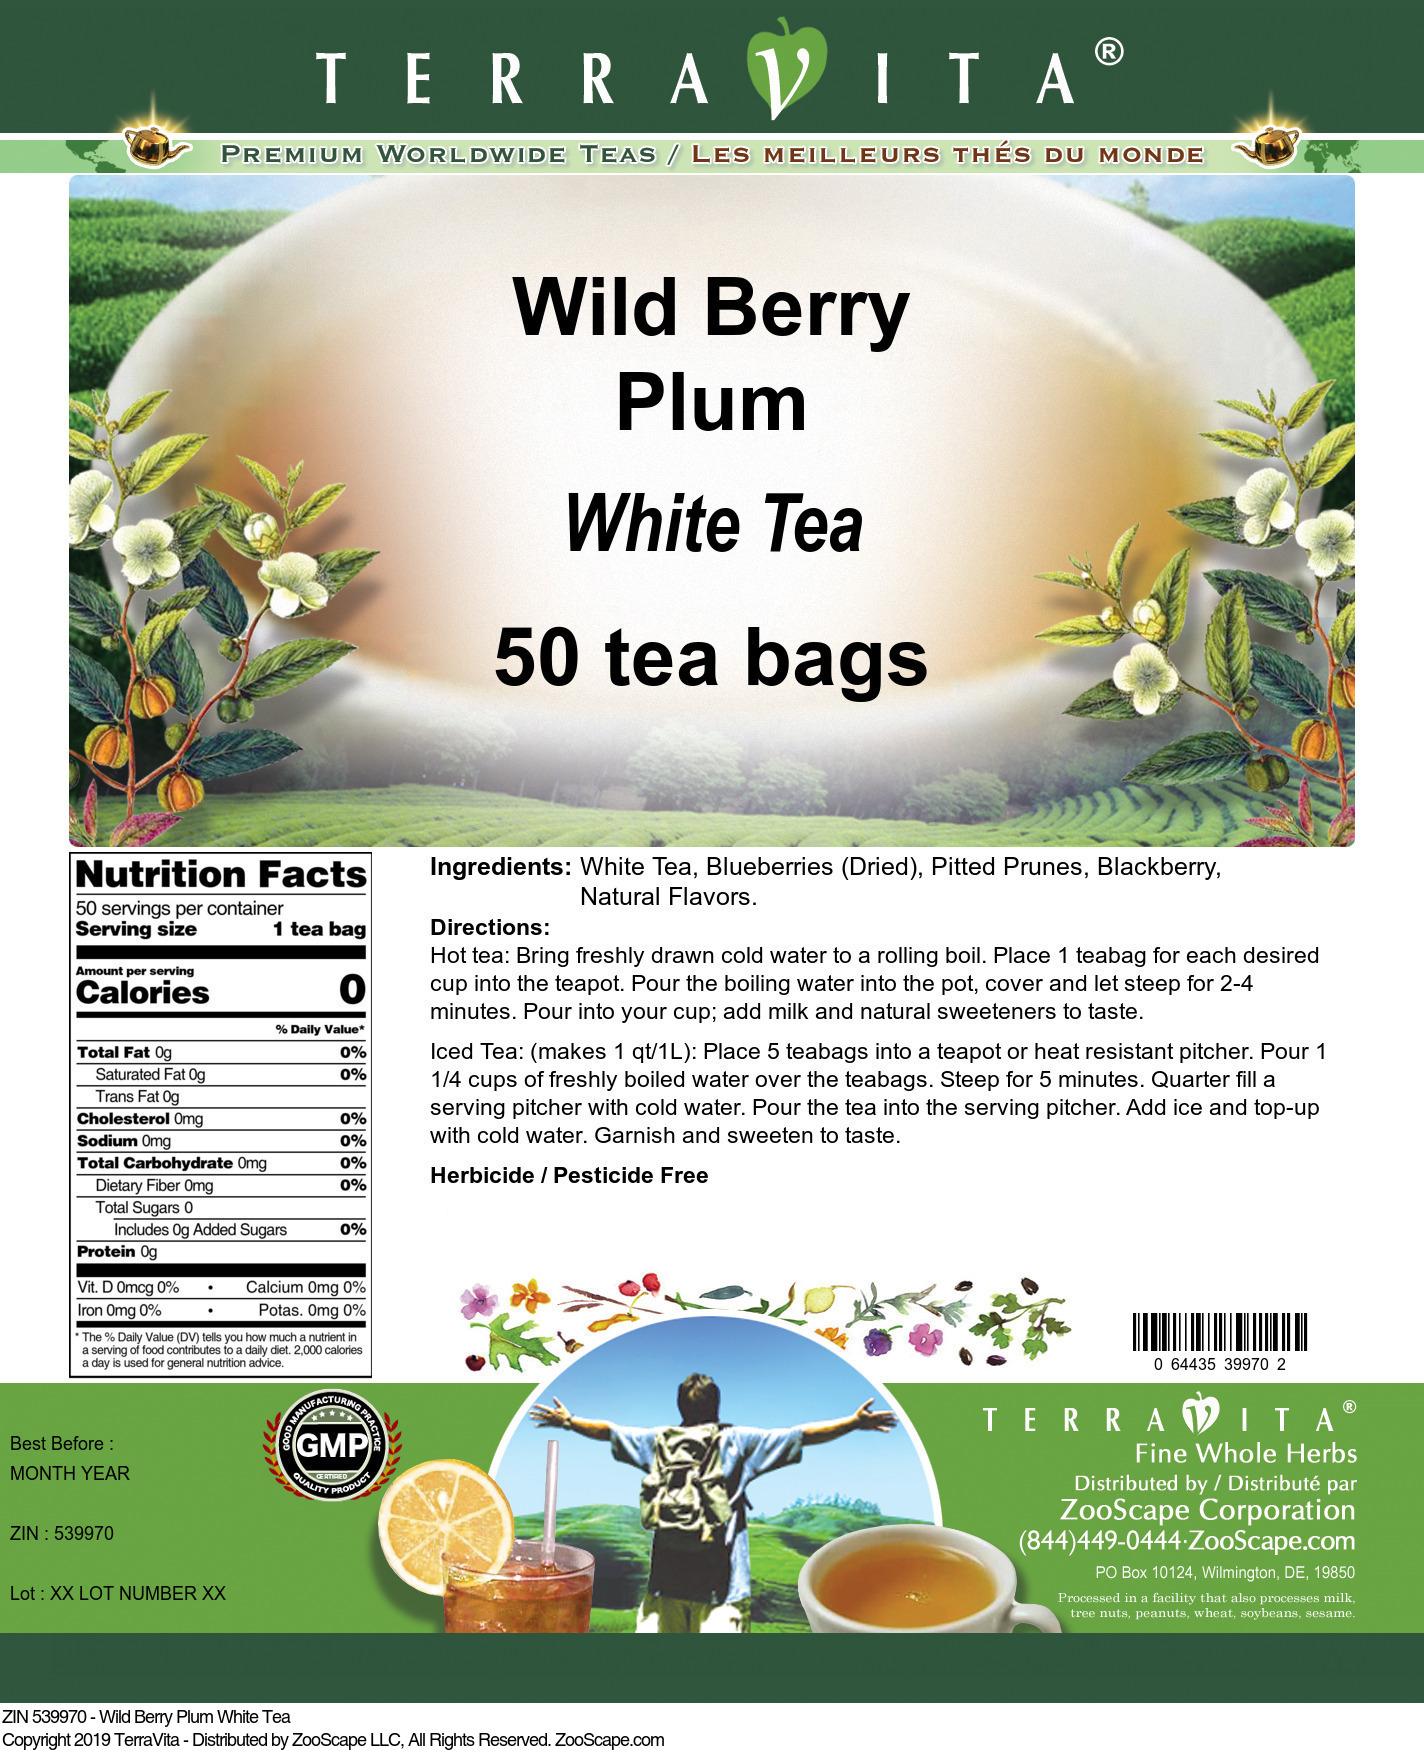 Wild Berry Plum White Tea